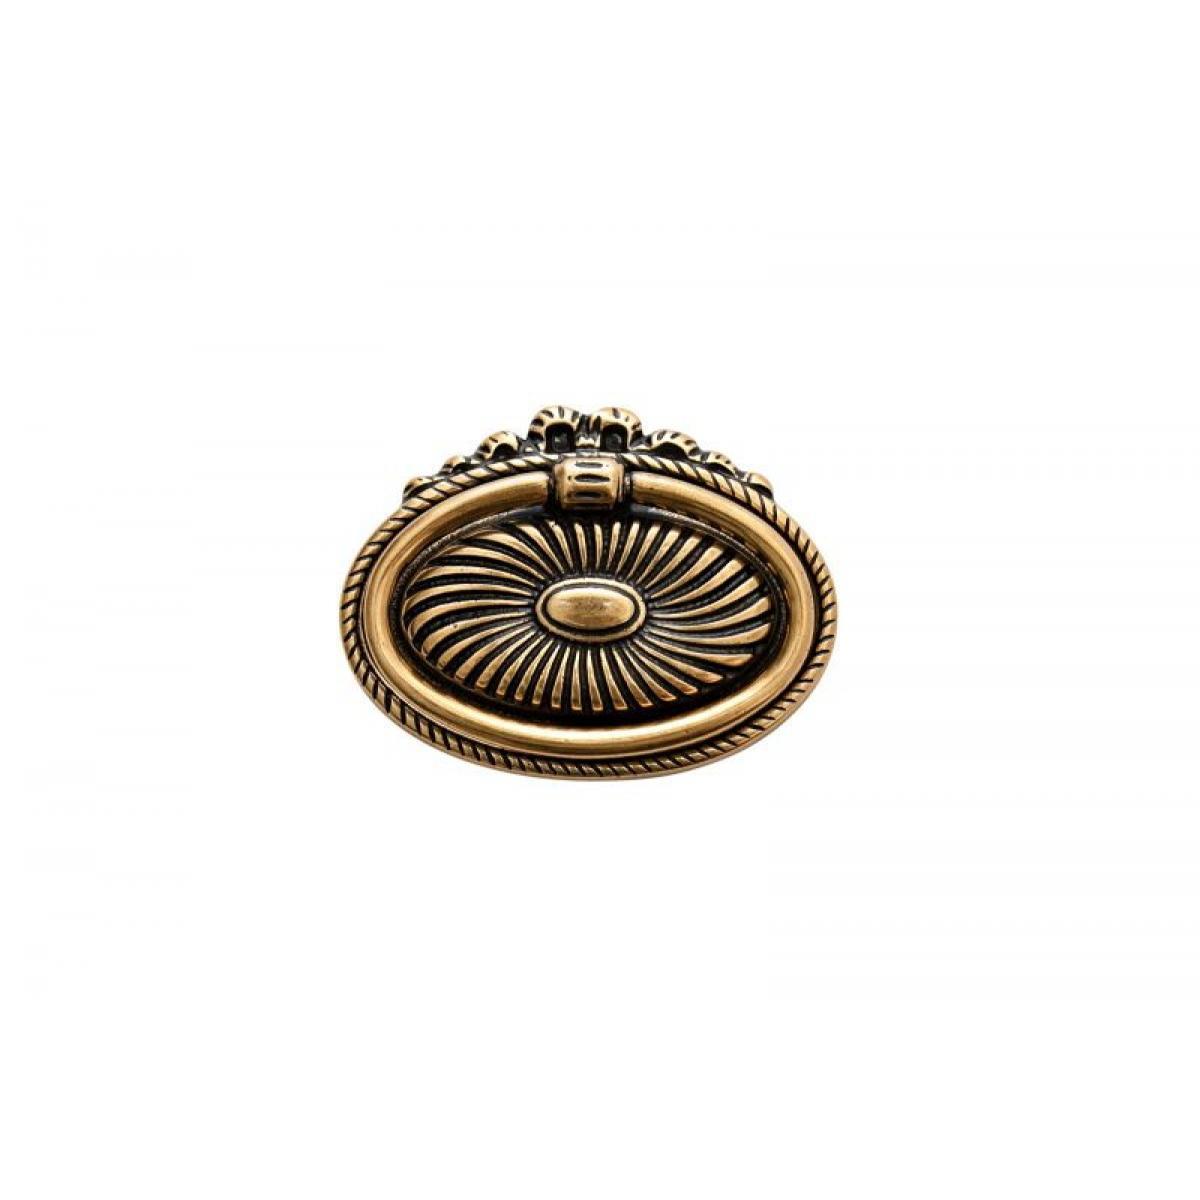 ручка 1271А0021, Межосевое расстояние для крепления ручки -32мм, покрытие состаренное золото 21